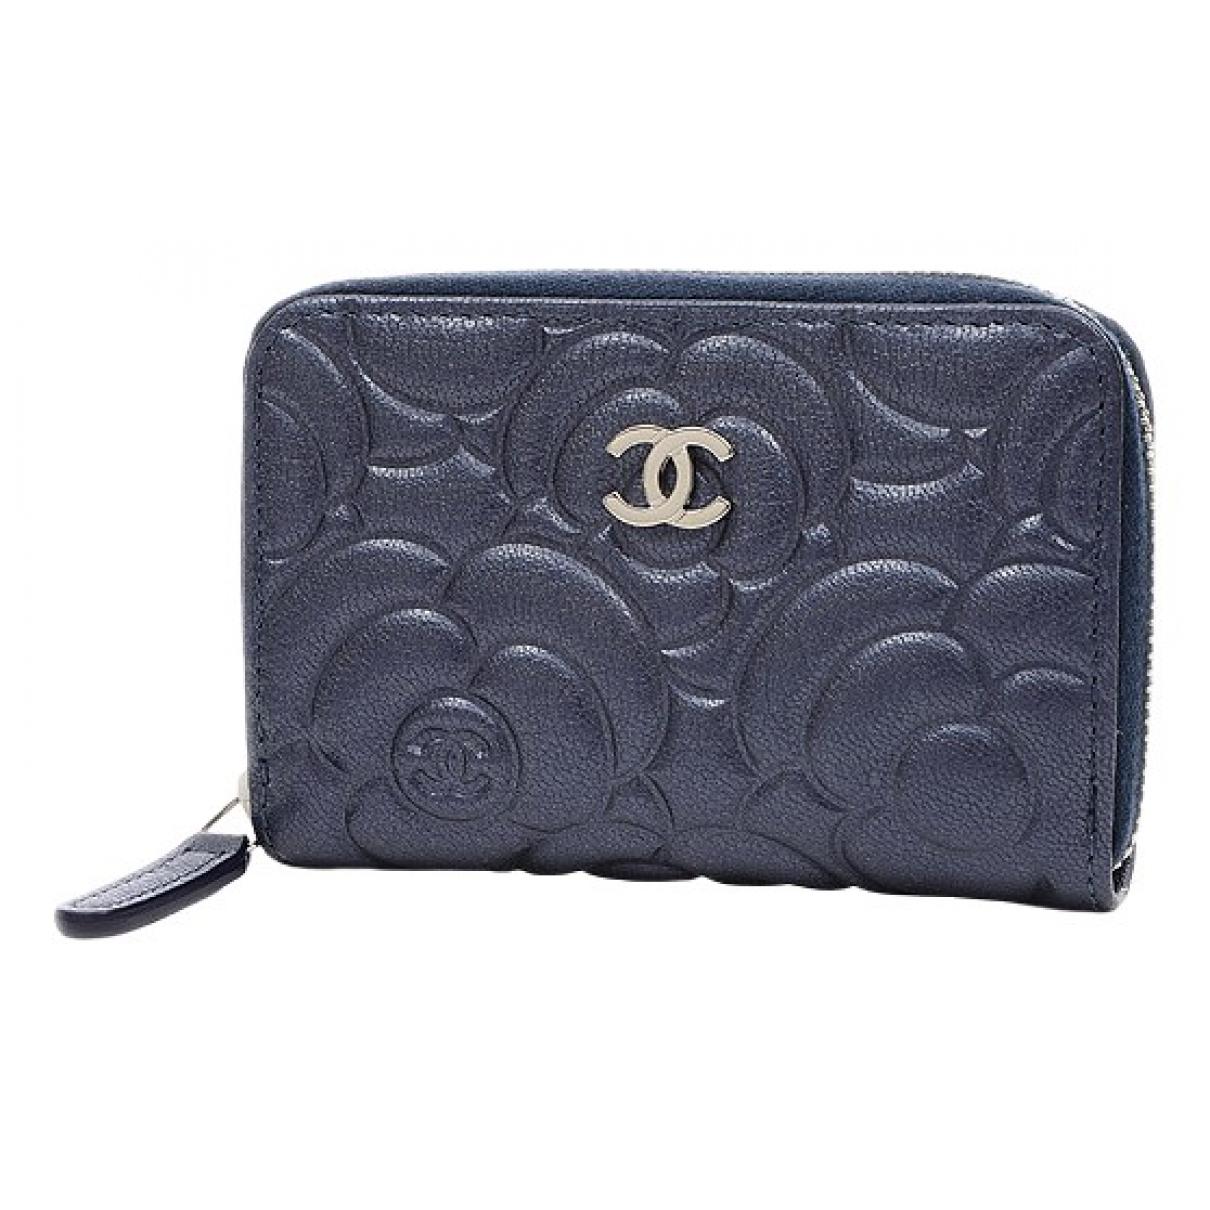 Chanel - Portefeuille   pour femme en cuir - multicolore